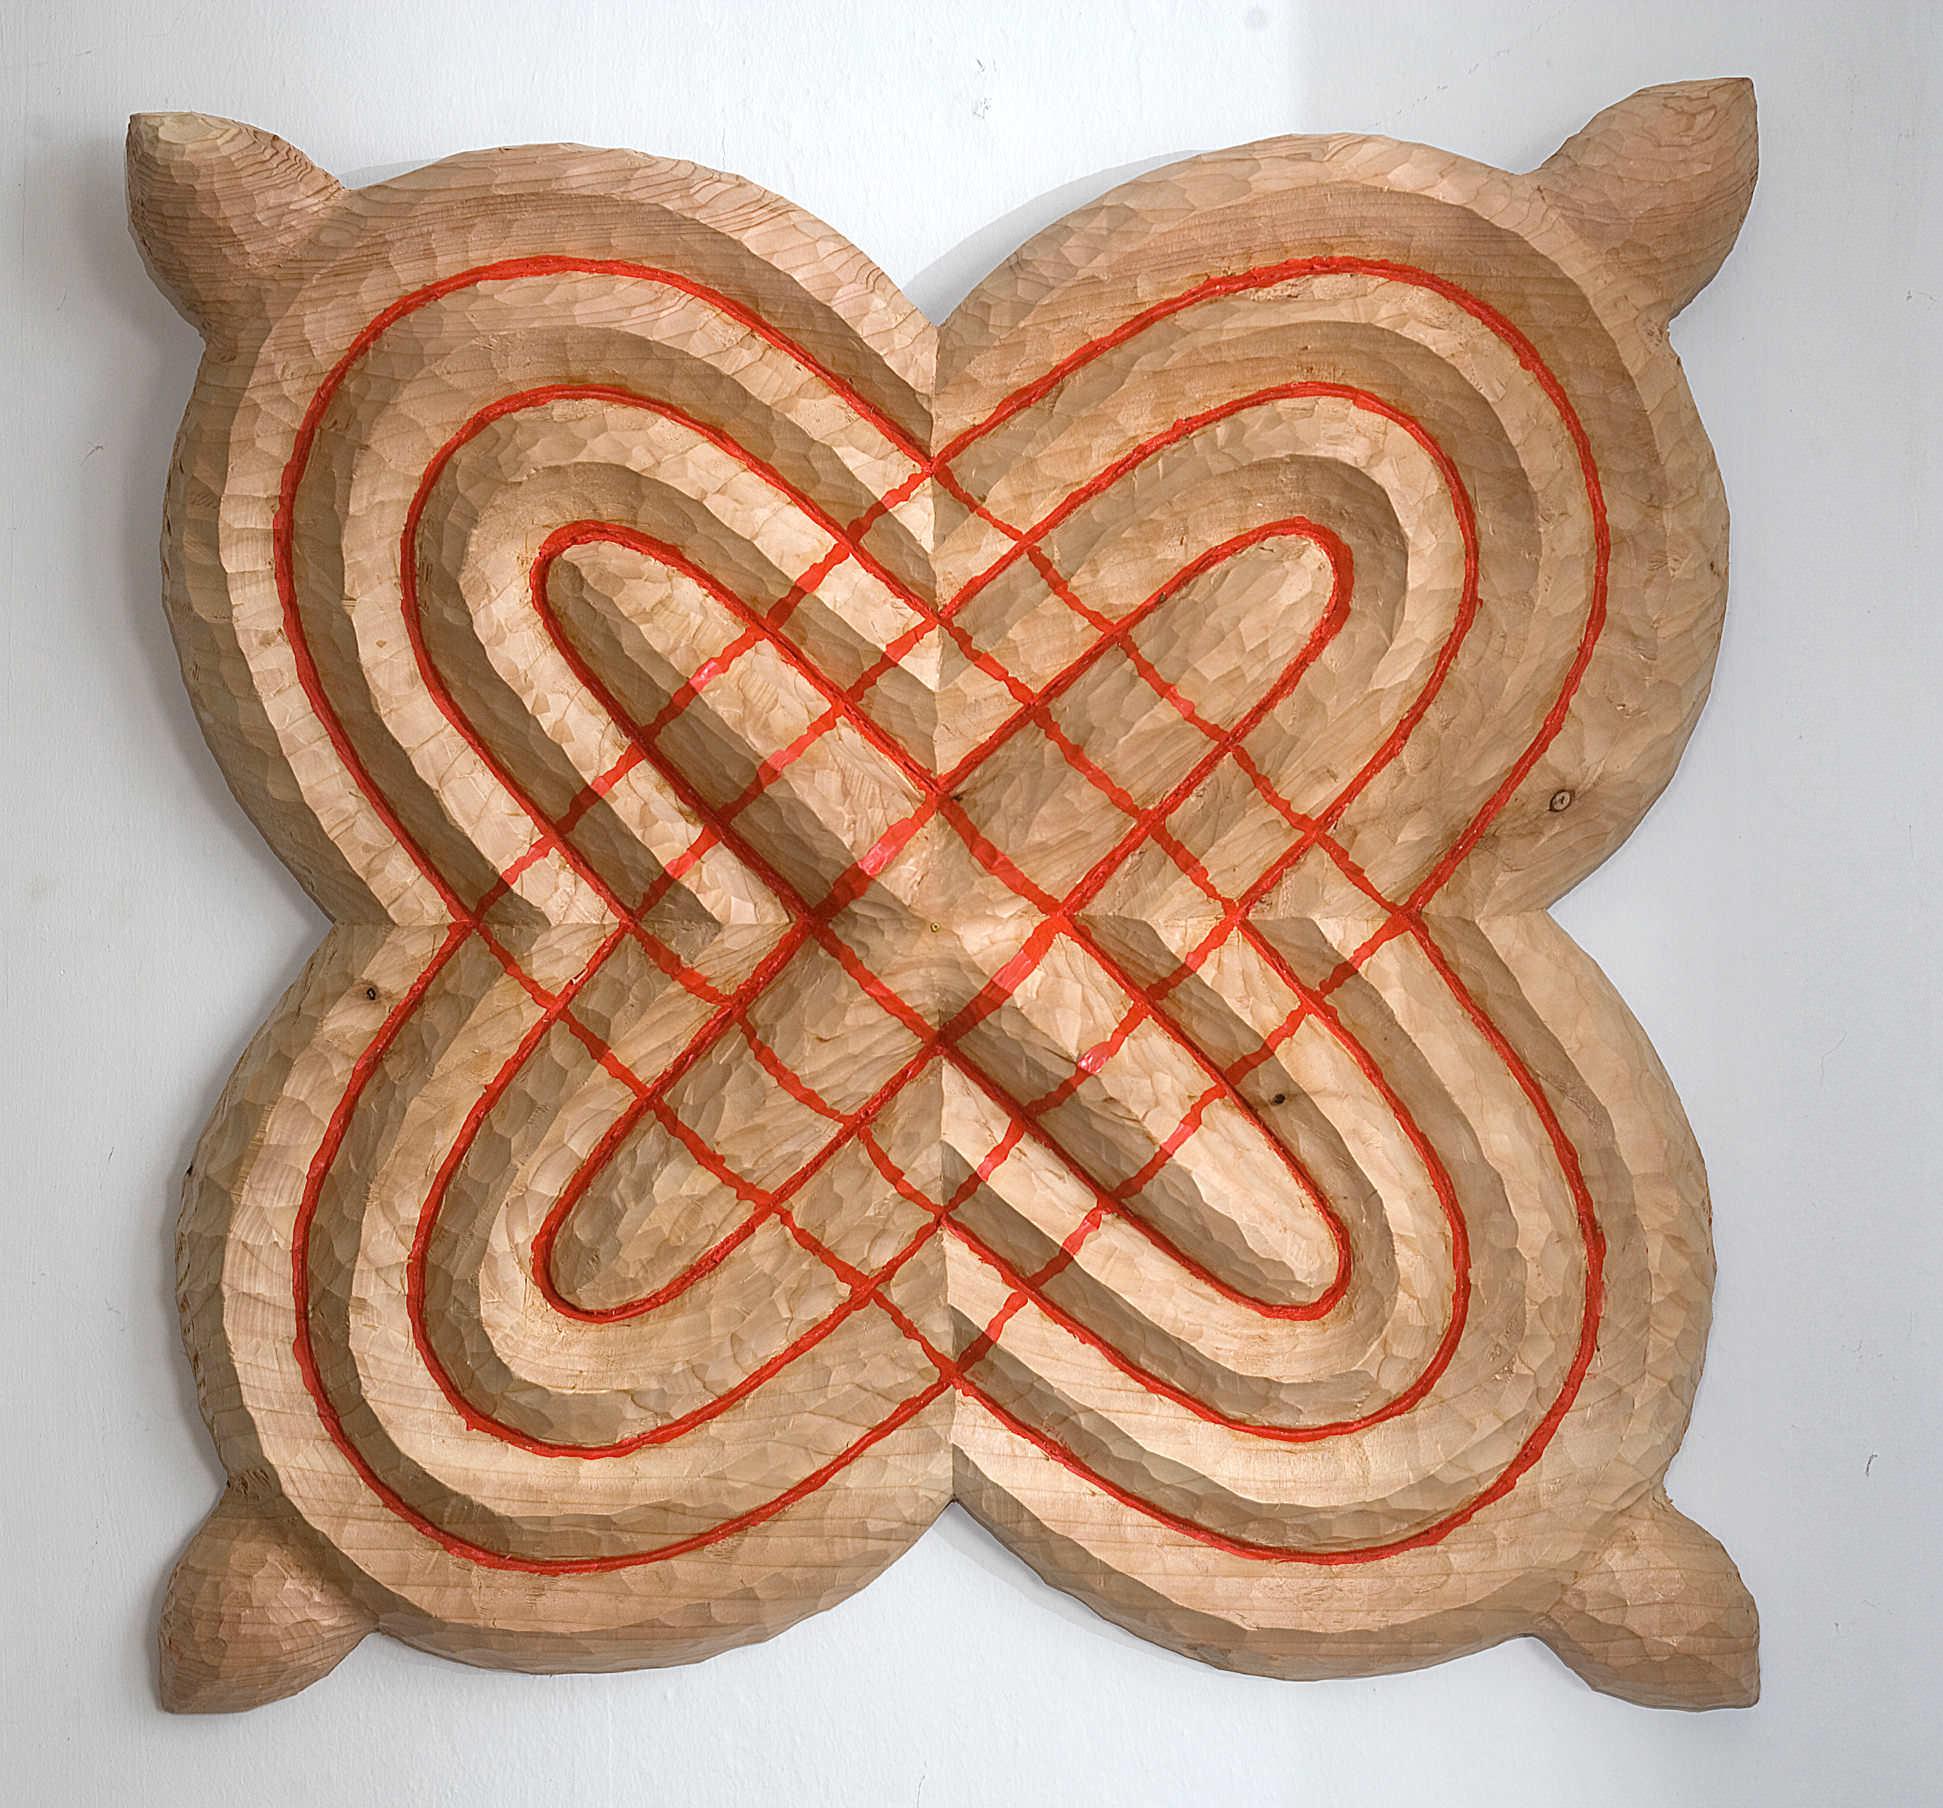 No Titel    Relief made of western red cedar wood, 62 cm X 62 cm, 2014